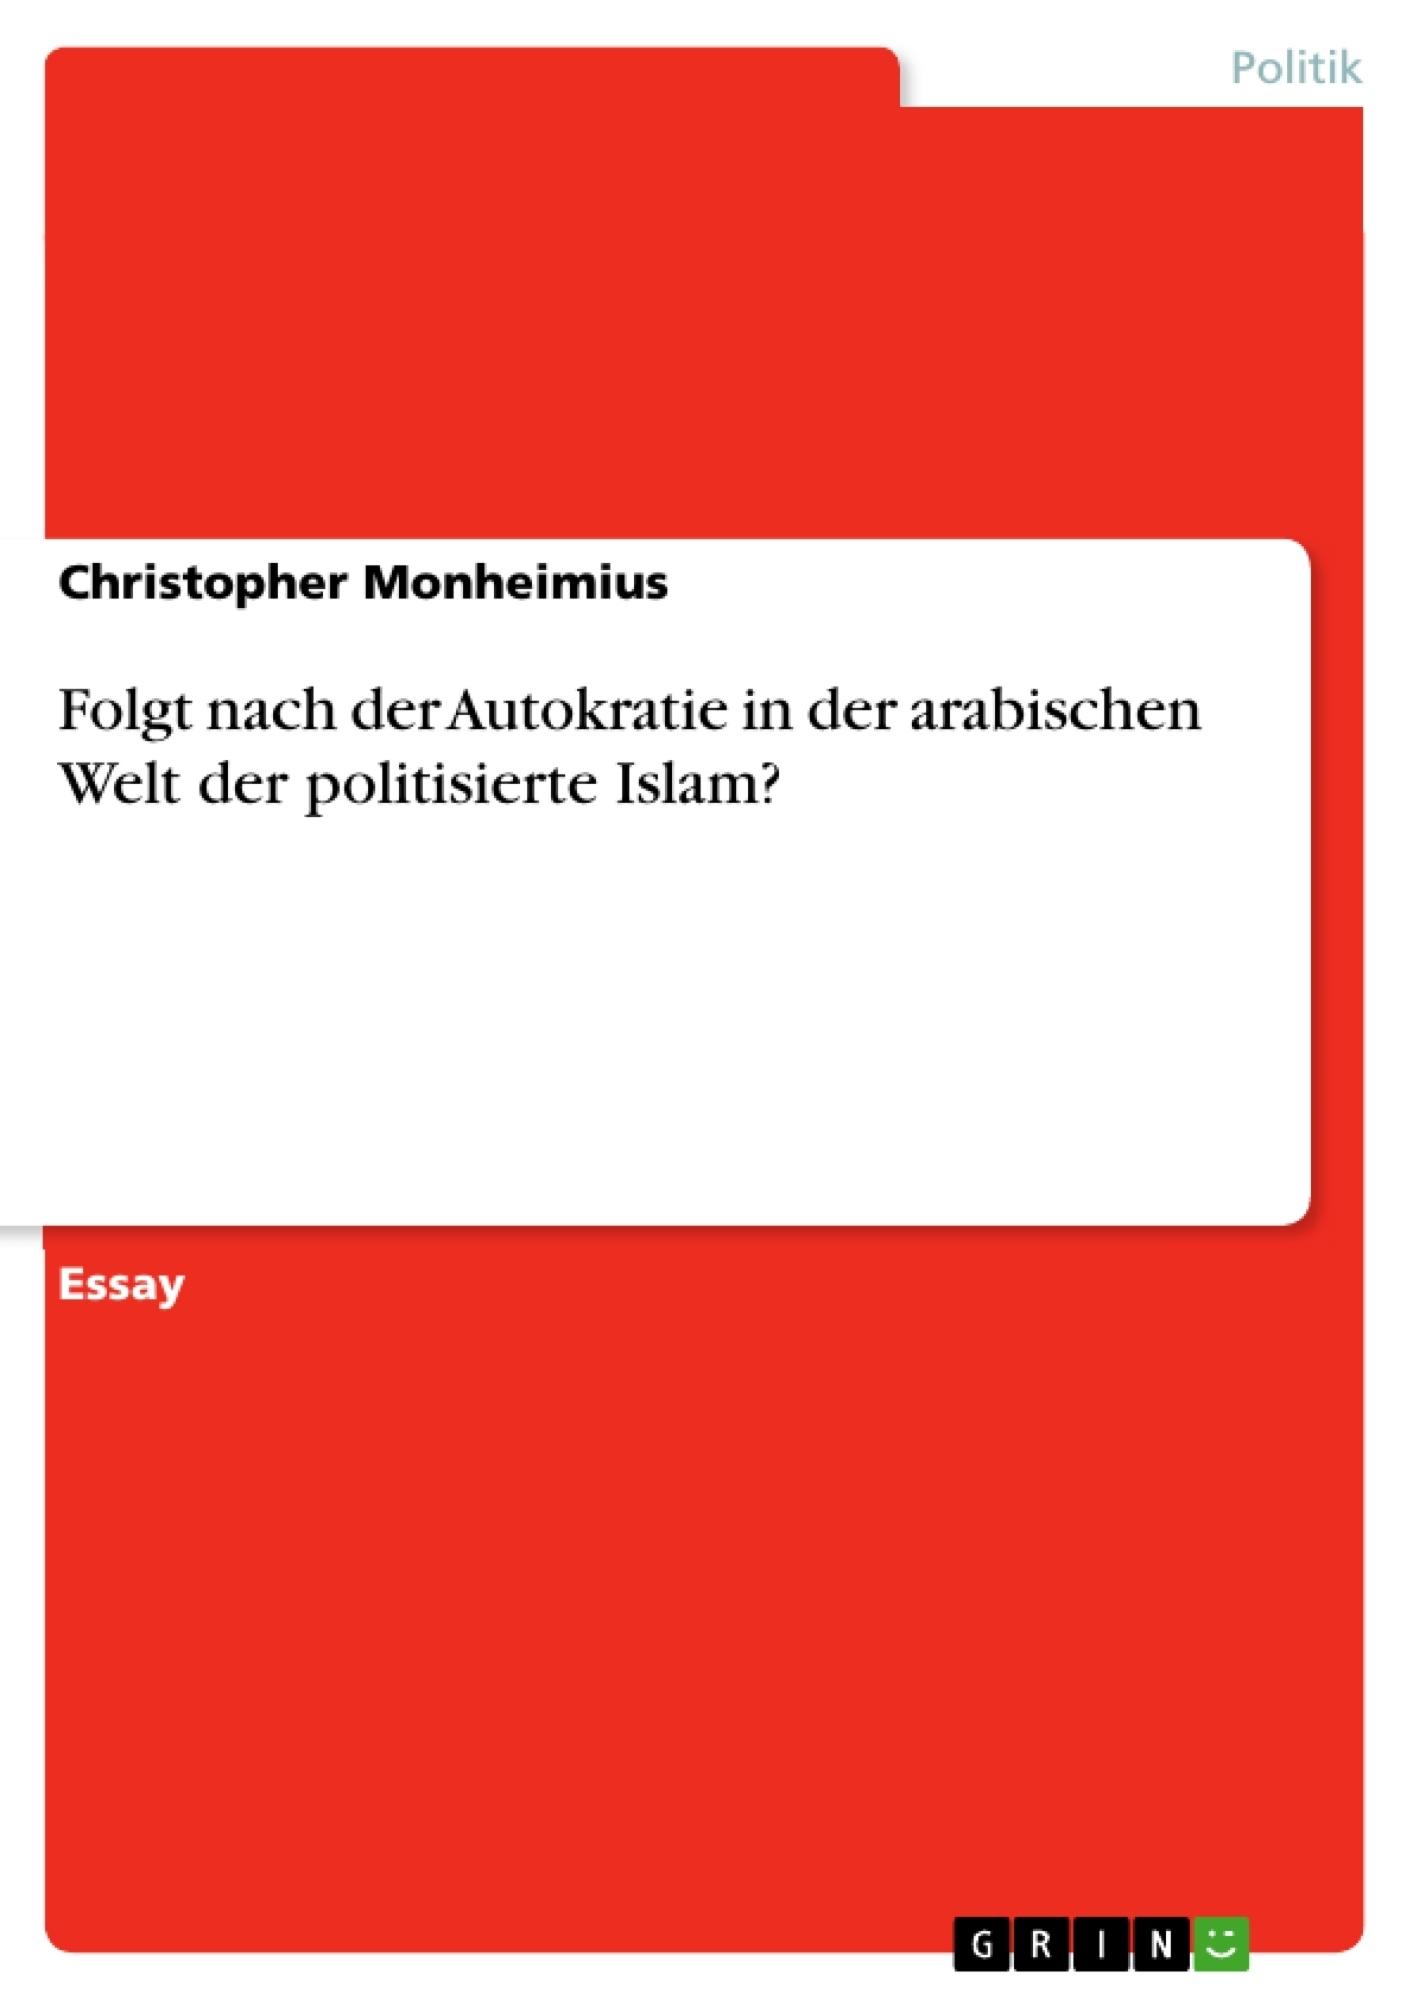 Titel: Folgt nach der Autokratie in der arabischen Welt der politisierte Islam?